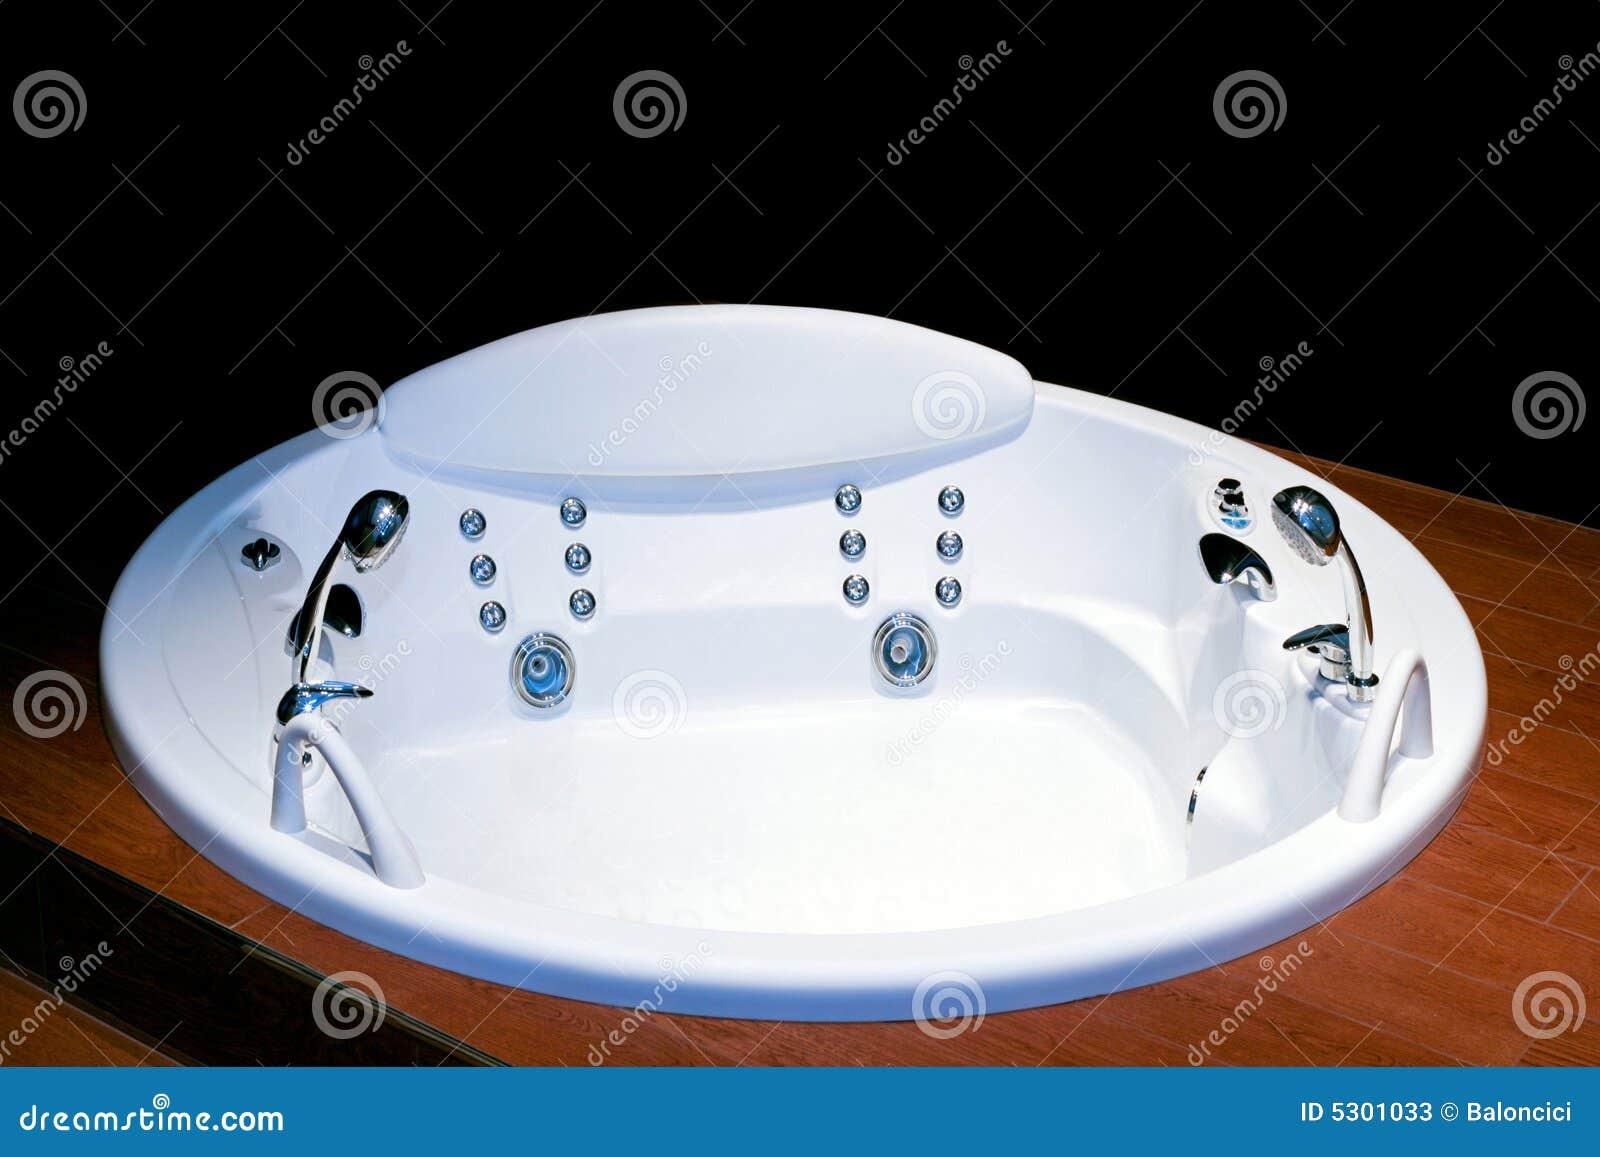 Vasca Da Bagno Rotonda Prezzi : Vasca da bagno rotonda immagine stock immagine di bathroom